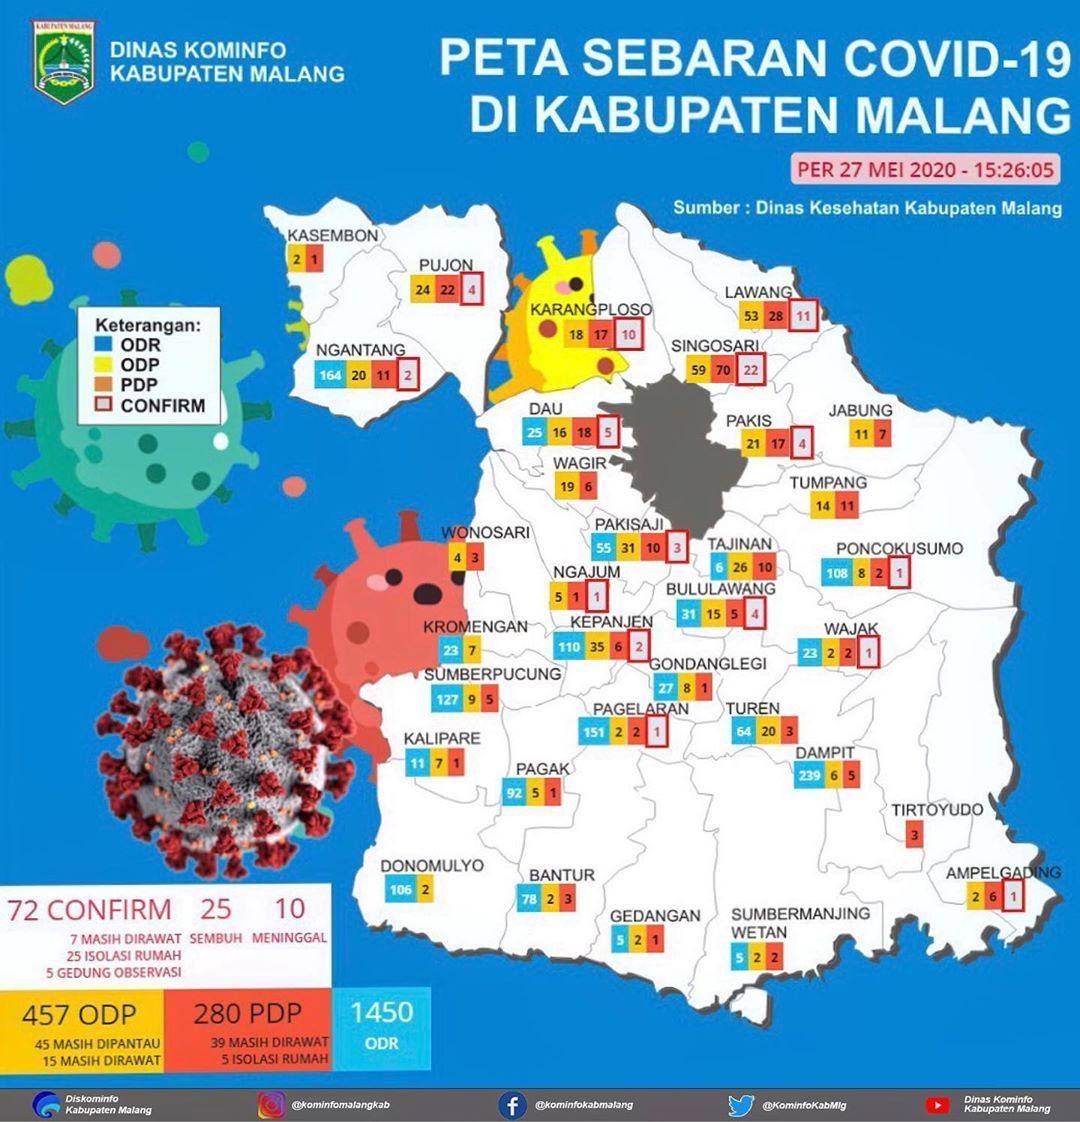 Peta Covid-19 per 27 Mei 2020